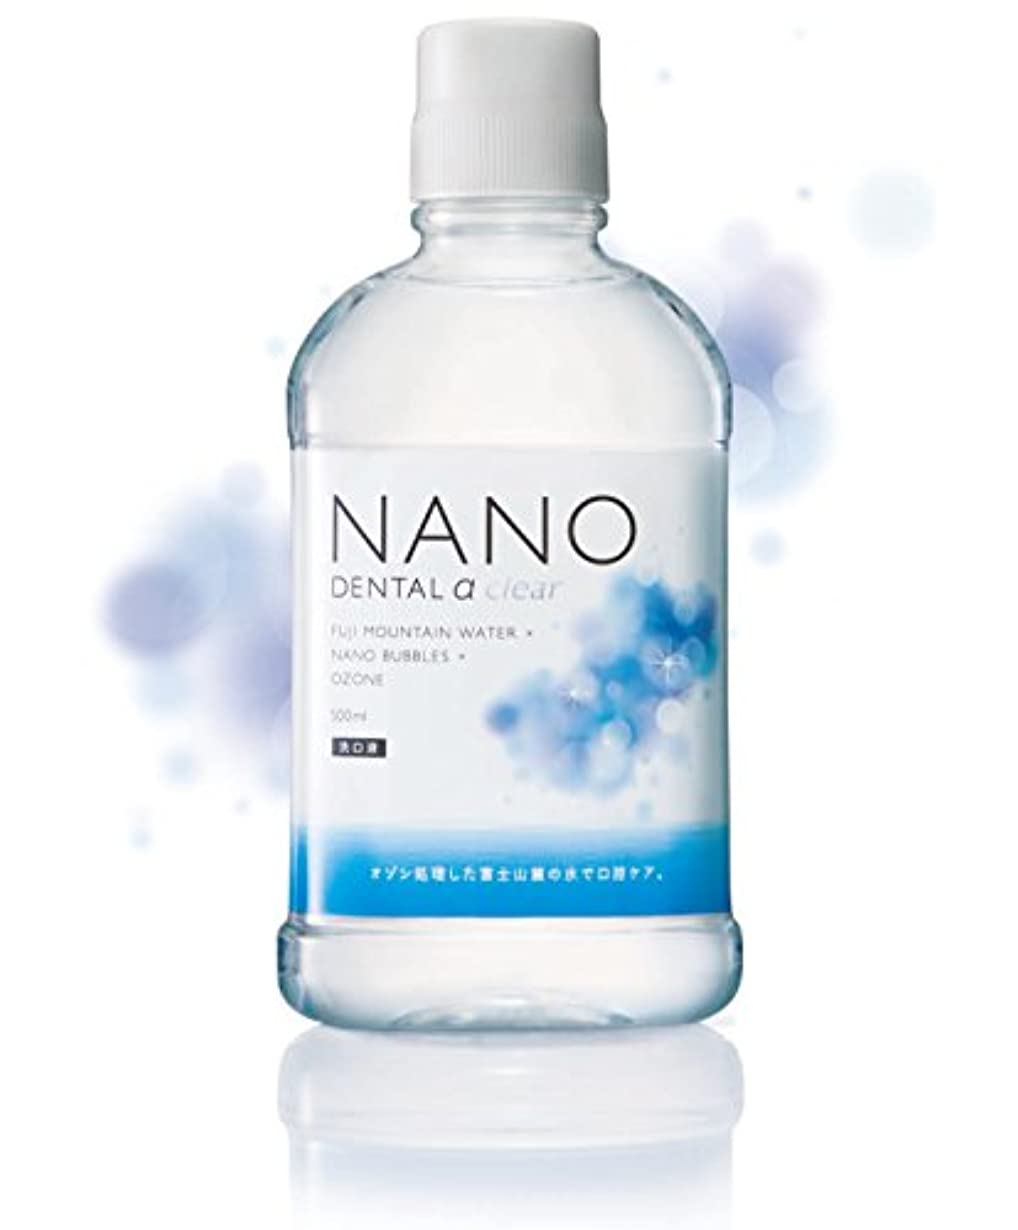 ゆでる駐地咳無添加! ナノデンタルアルファ クリア NANODENTALα Clear 500mL オゾンナノバブルで歯周病?口臭予防